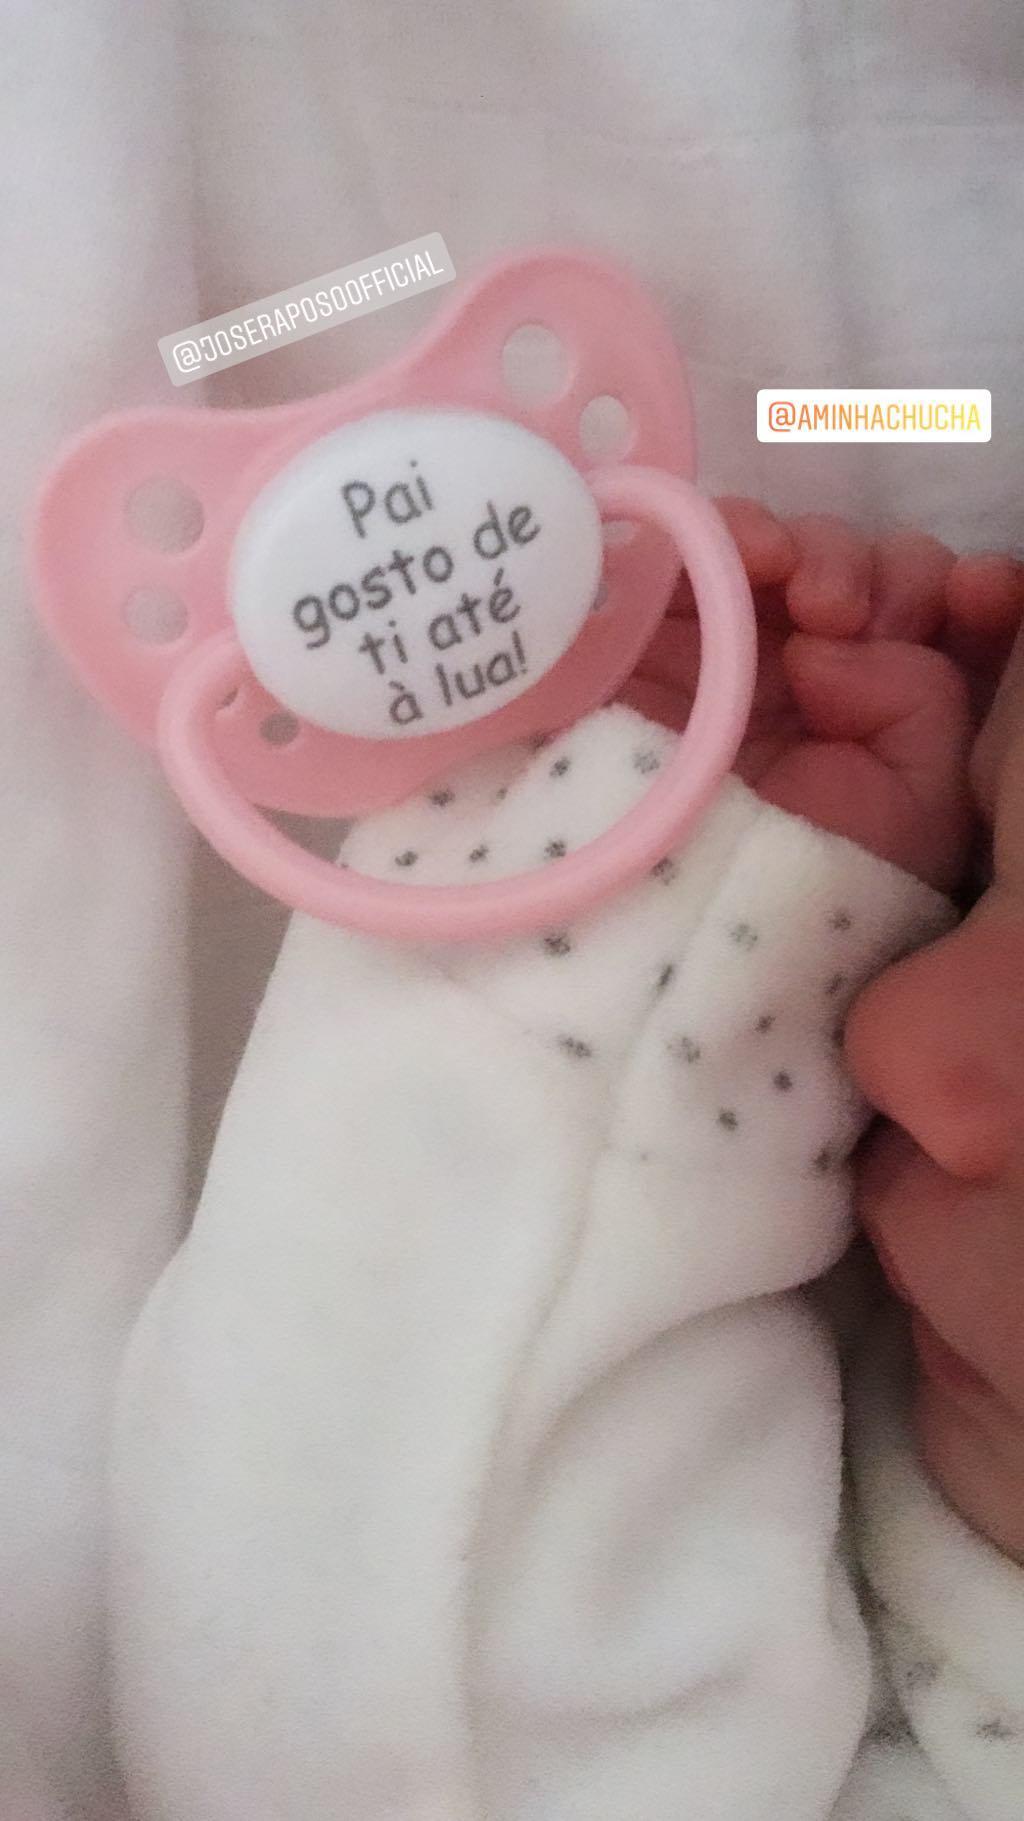 Sara Barradas Filha Chucha Sara Barradas Mostra Foto Da Filha Com Chucha &Quot;Original&Quot;